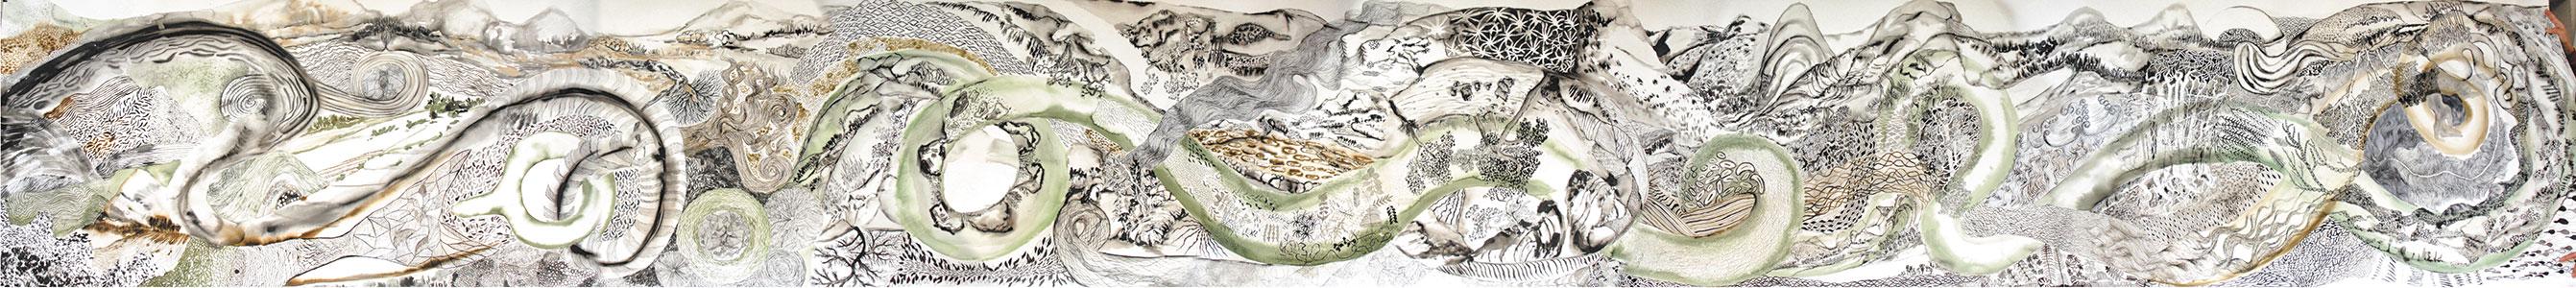 Marie Drouet, Panorama 4, encre acrylique sur papier Arches,  115 x 1000 cm, 2009, détail Photo © Alain Guillon